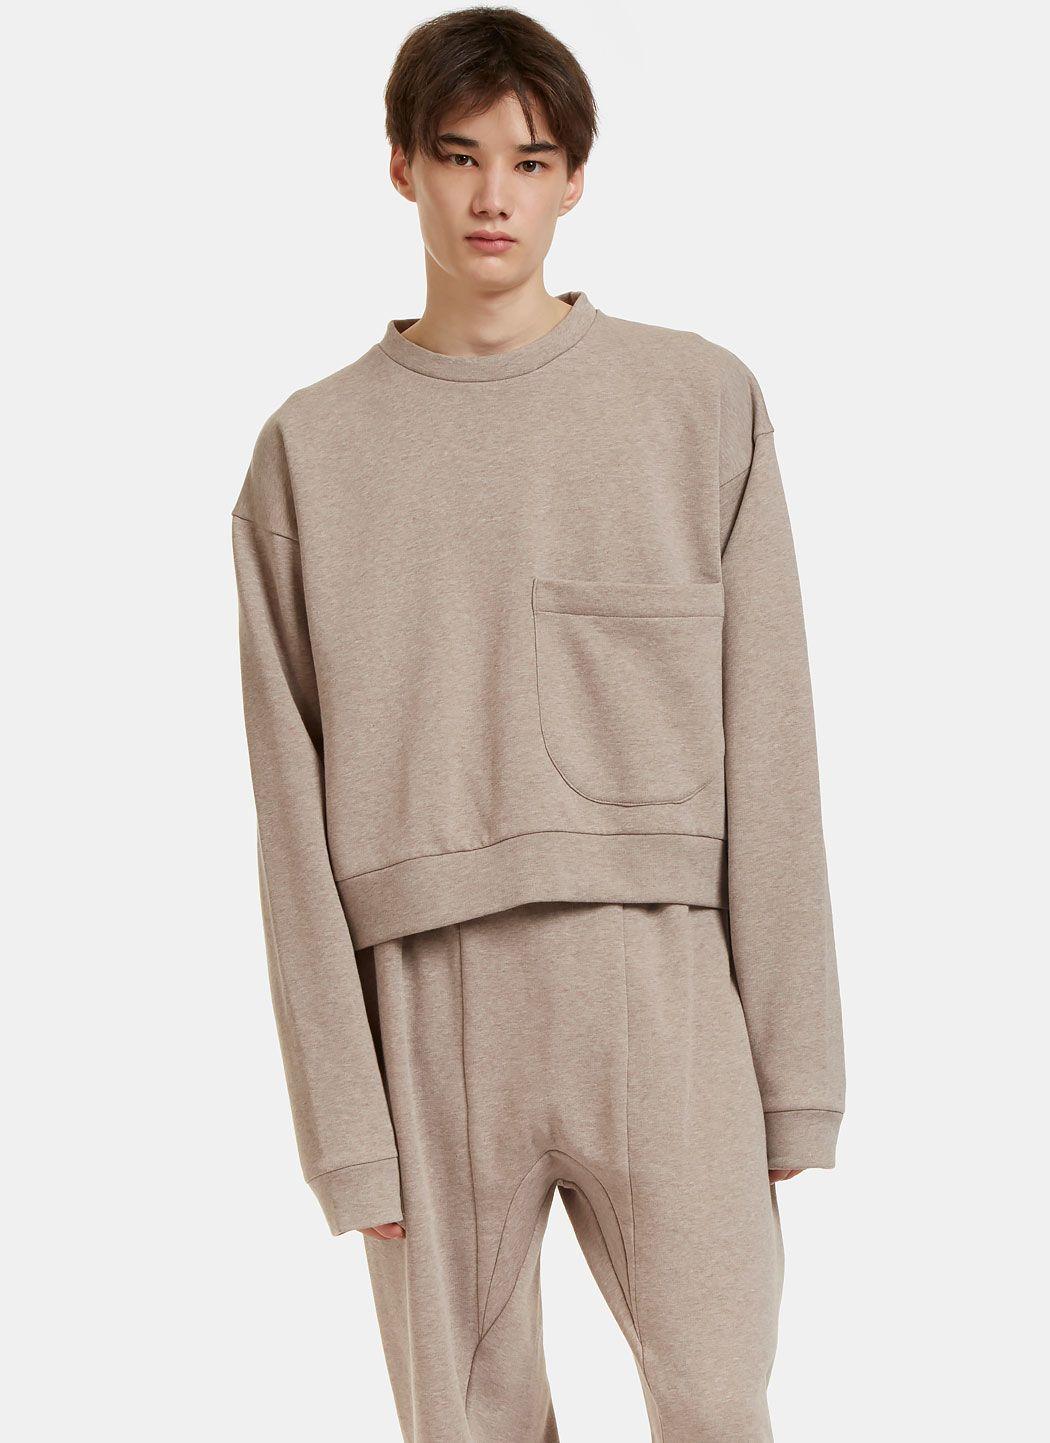 Von Sono Oversized Cropped Sweater | LN-CC